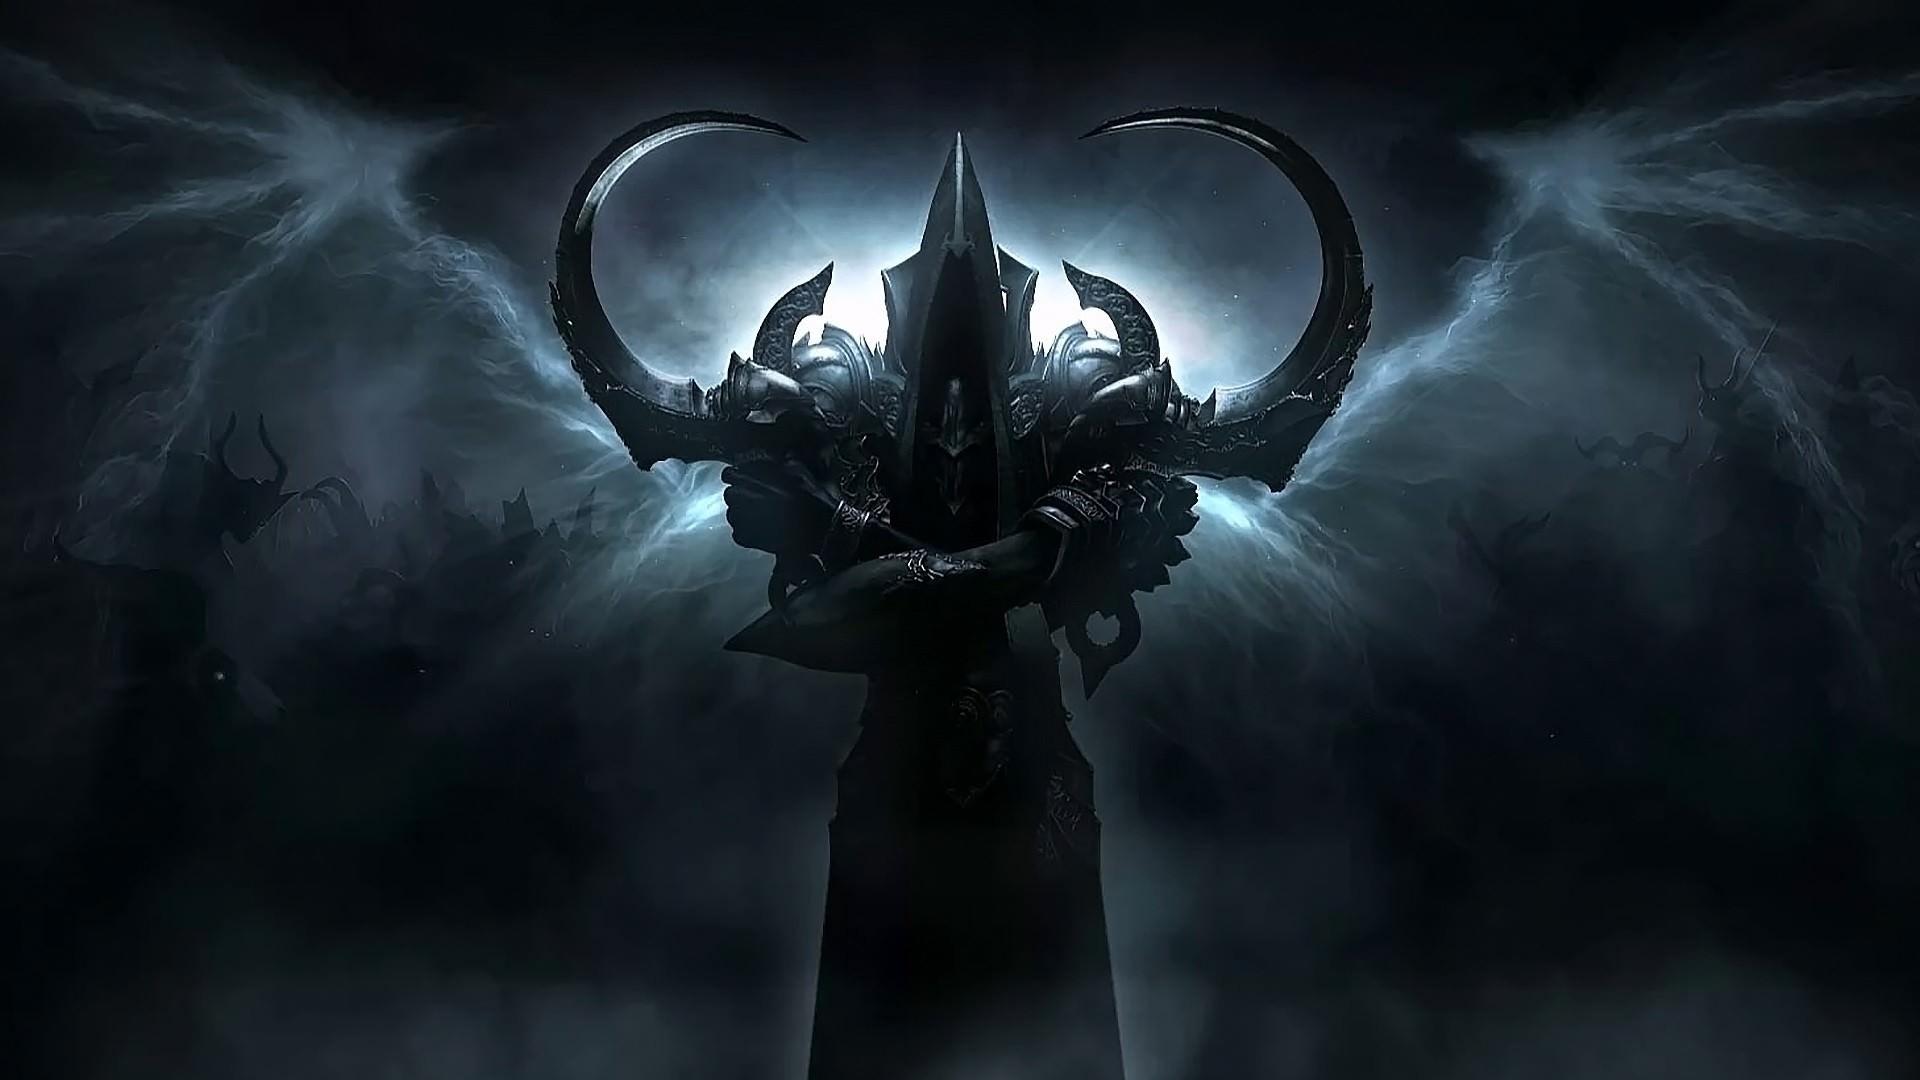 Diablo 3 Hd Wallpaper Diablo 3 Malthael 1030326 Hd